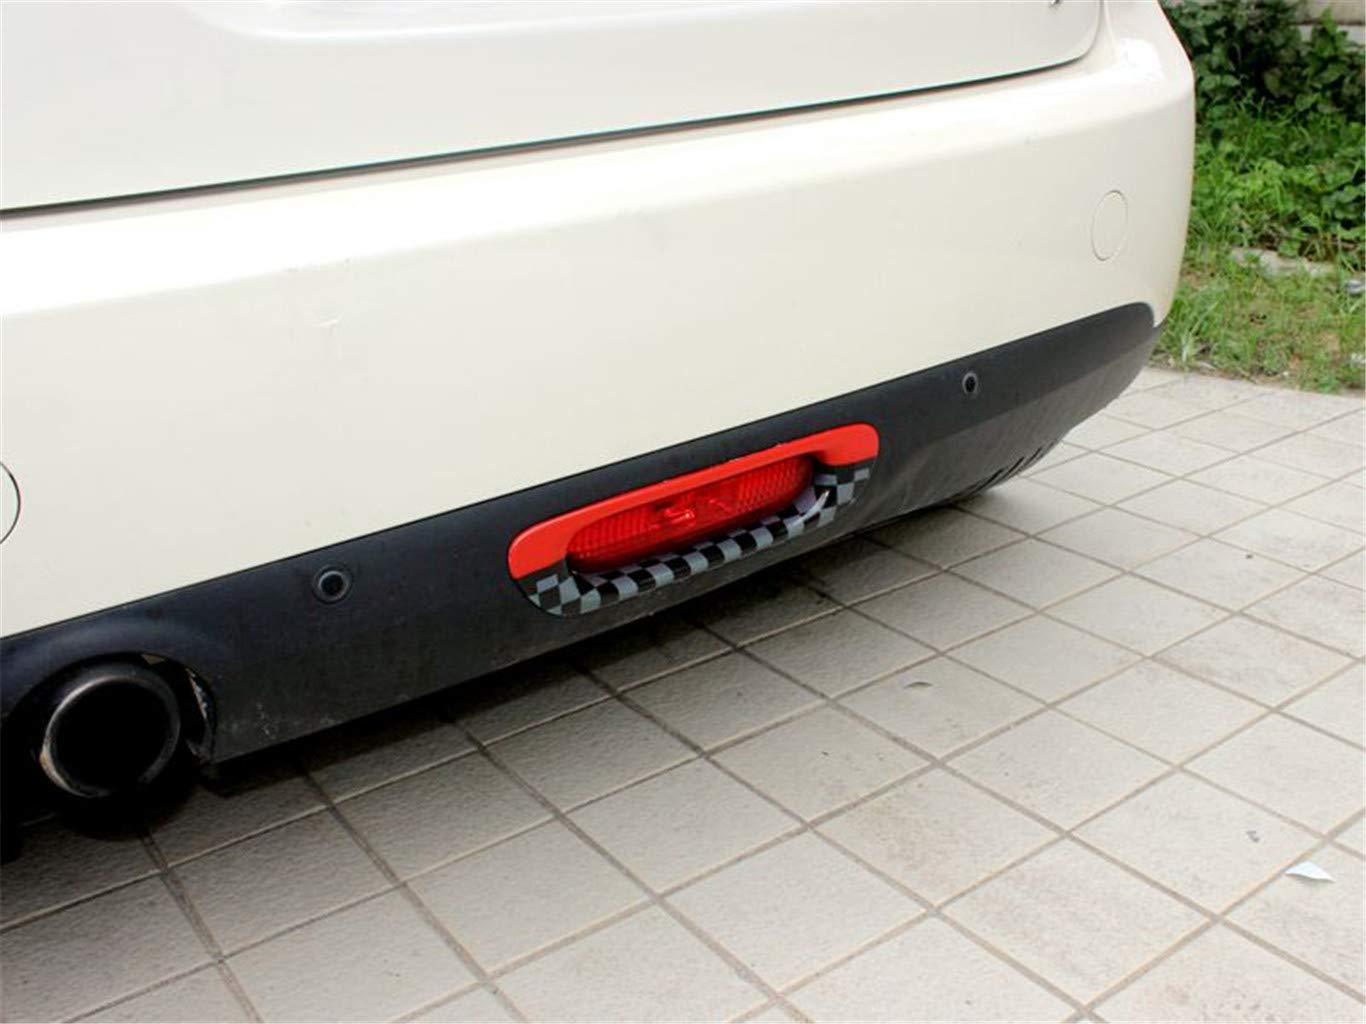 HDX Feu arri/ère pour feu arri/ère Cadre de Lampe de Frein Capuchon de Garniture pour Mini Cooper F55 Hardtop F56 Hatchback F57 Covertible feu arri/ère